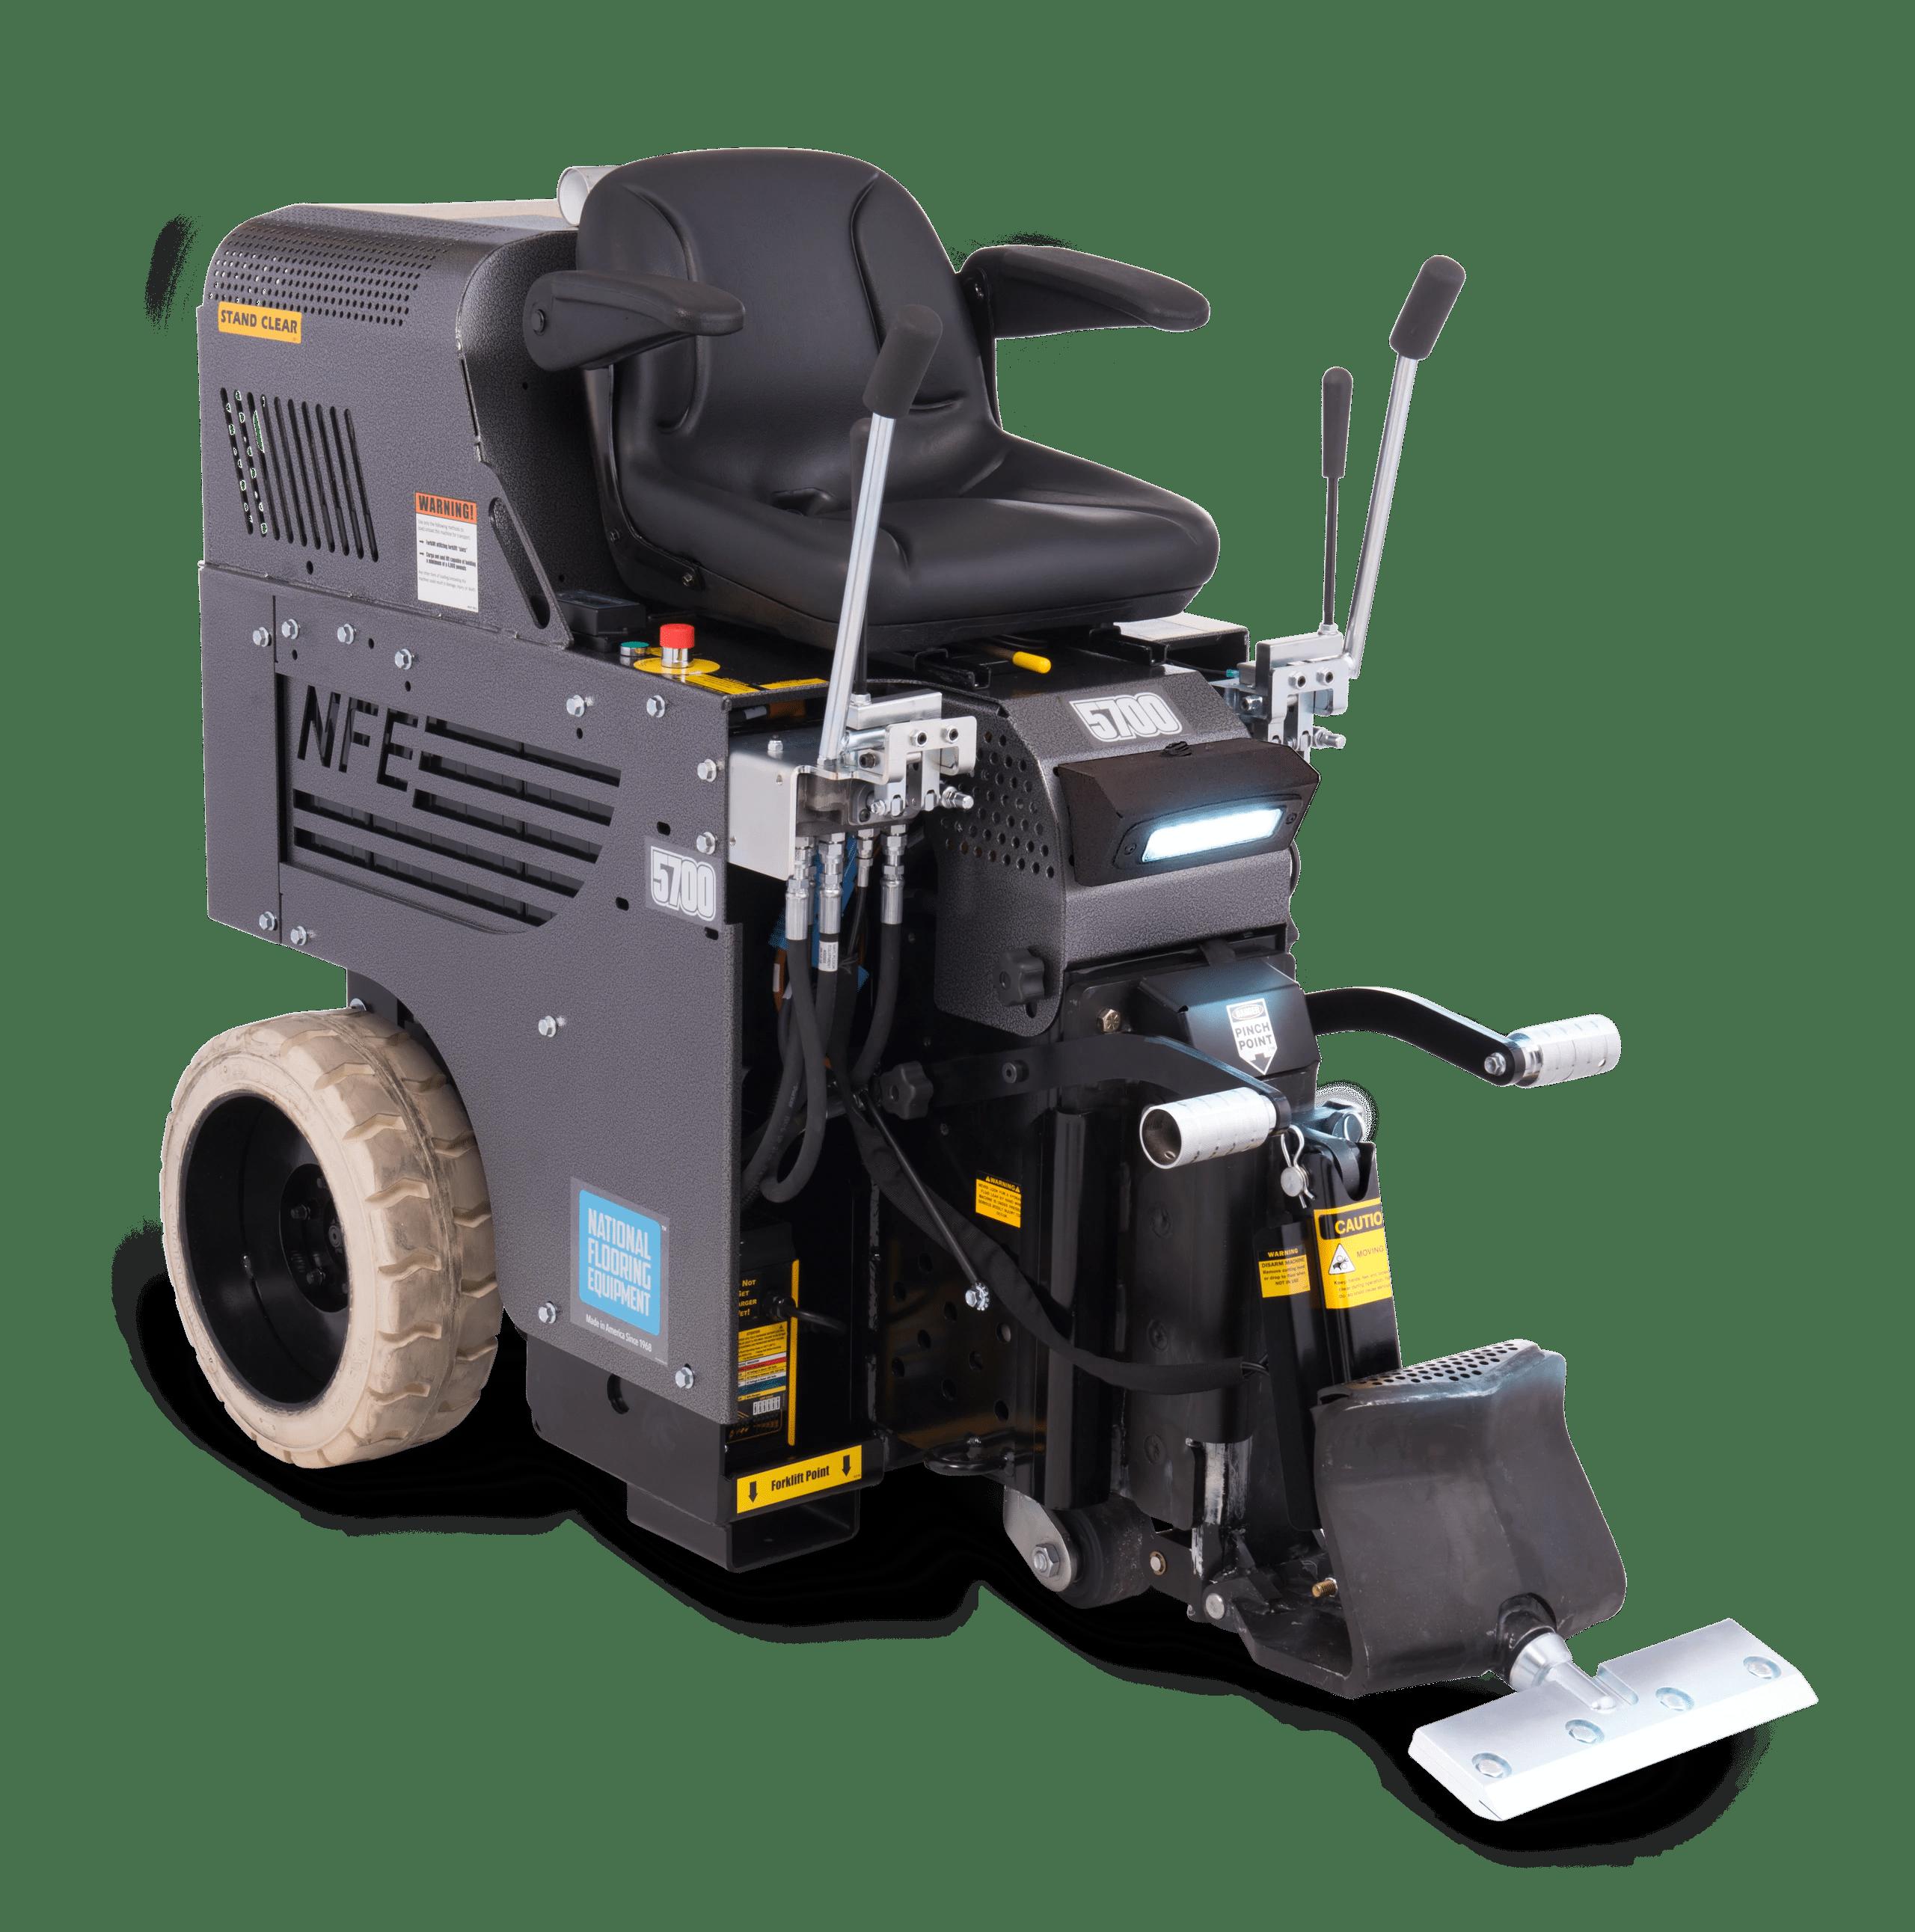 National Flooring 5700DL Floor Scraper